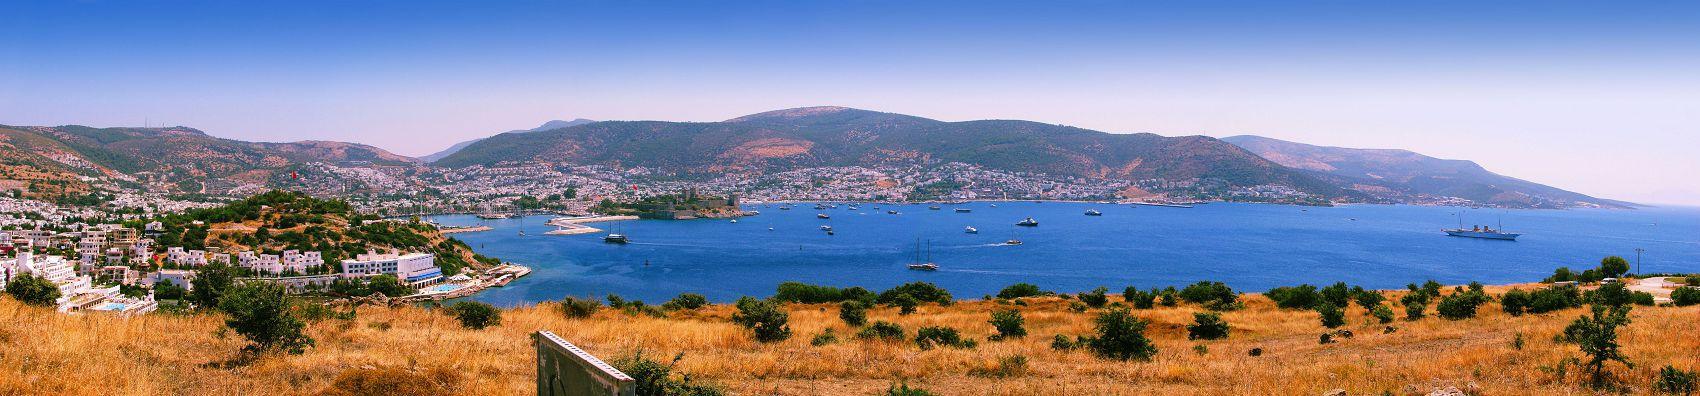 Море эгейское Гюмбет